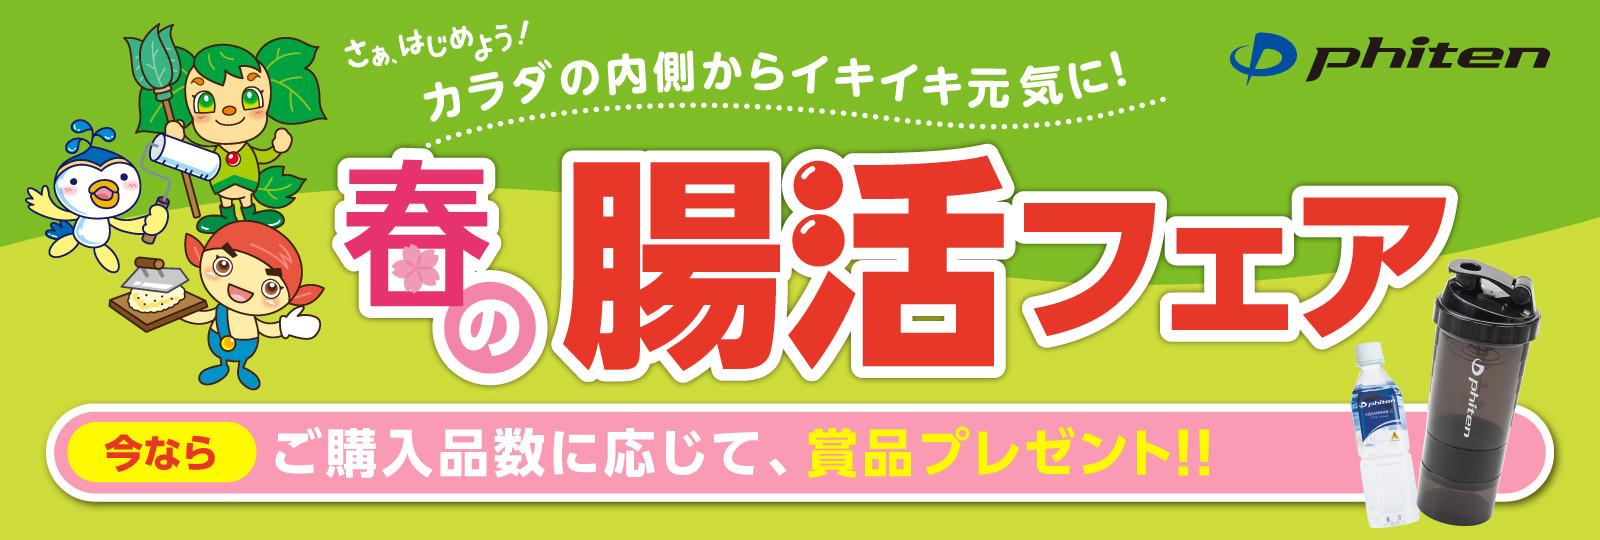 今こそ!手洗い・うがい・腸対策!!春の「腸活フェア」を開催!!